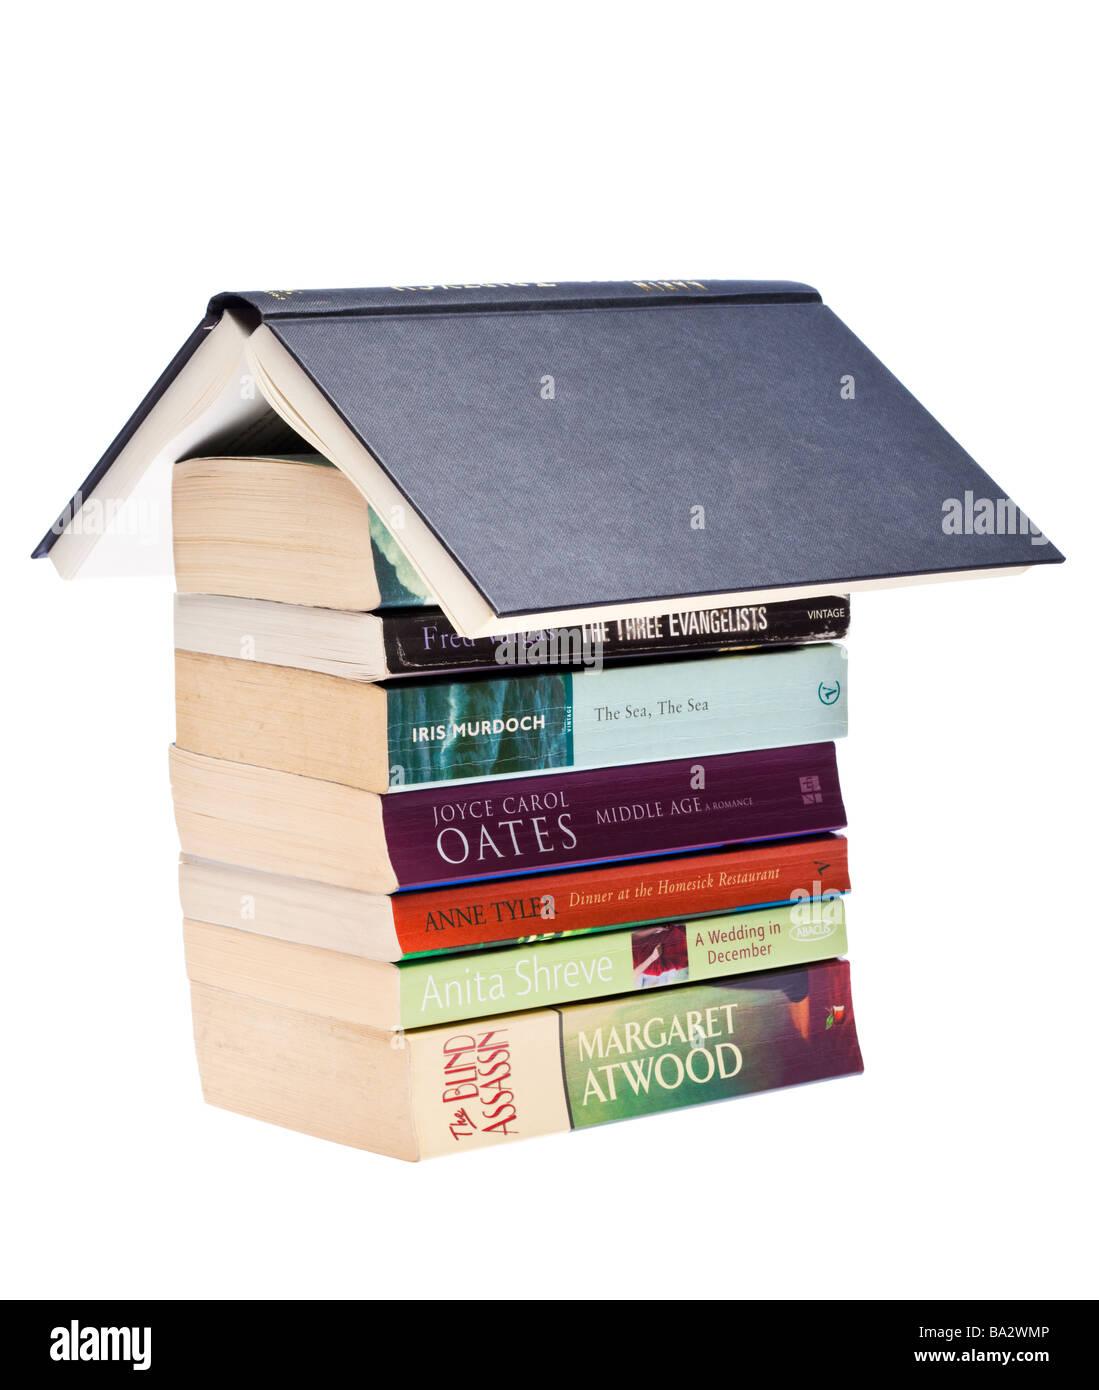 Stapel Stapel Bücher der literarischen Fiktion Romane von weiblichen Autoren Stockbild